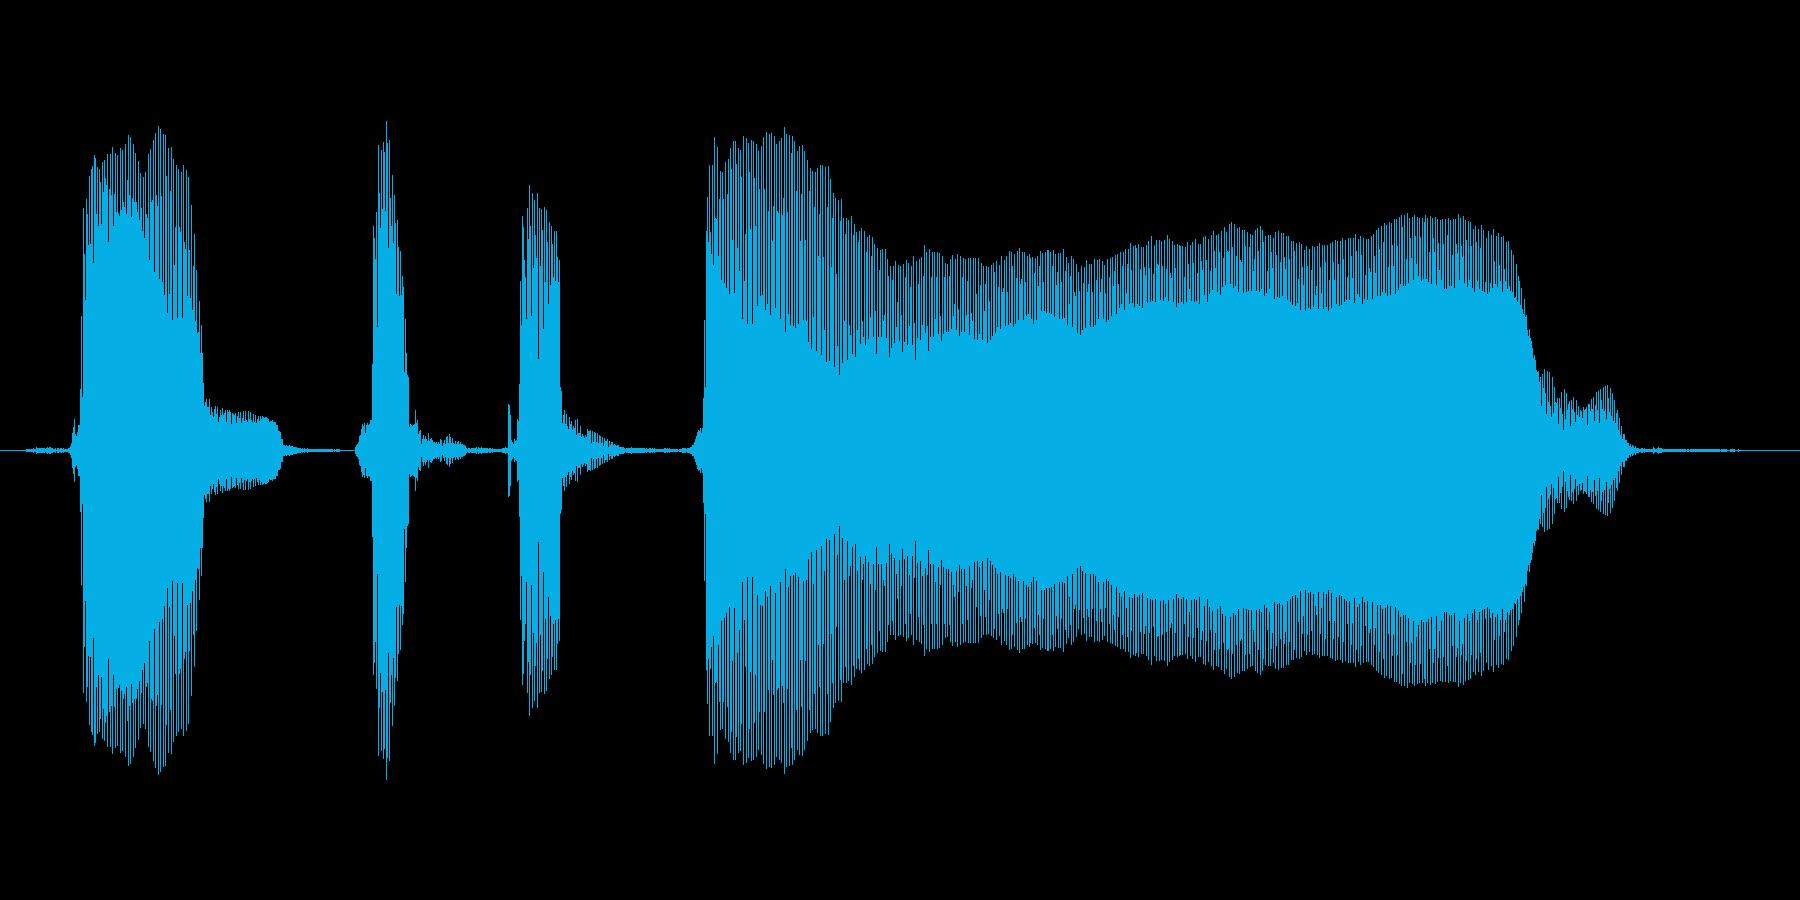 【ボイスSE】パンパカパーン!の再生済みの波形